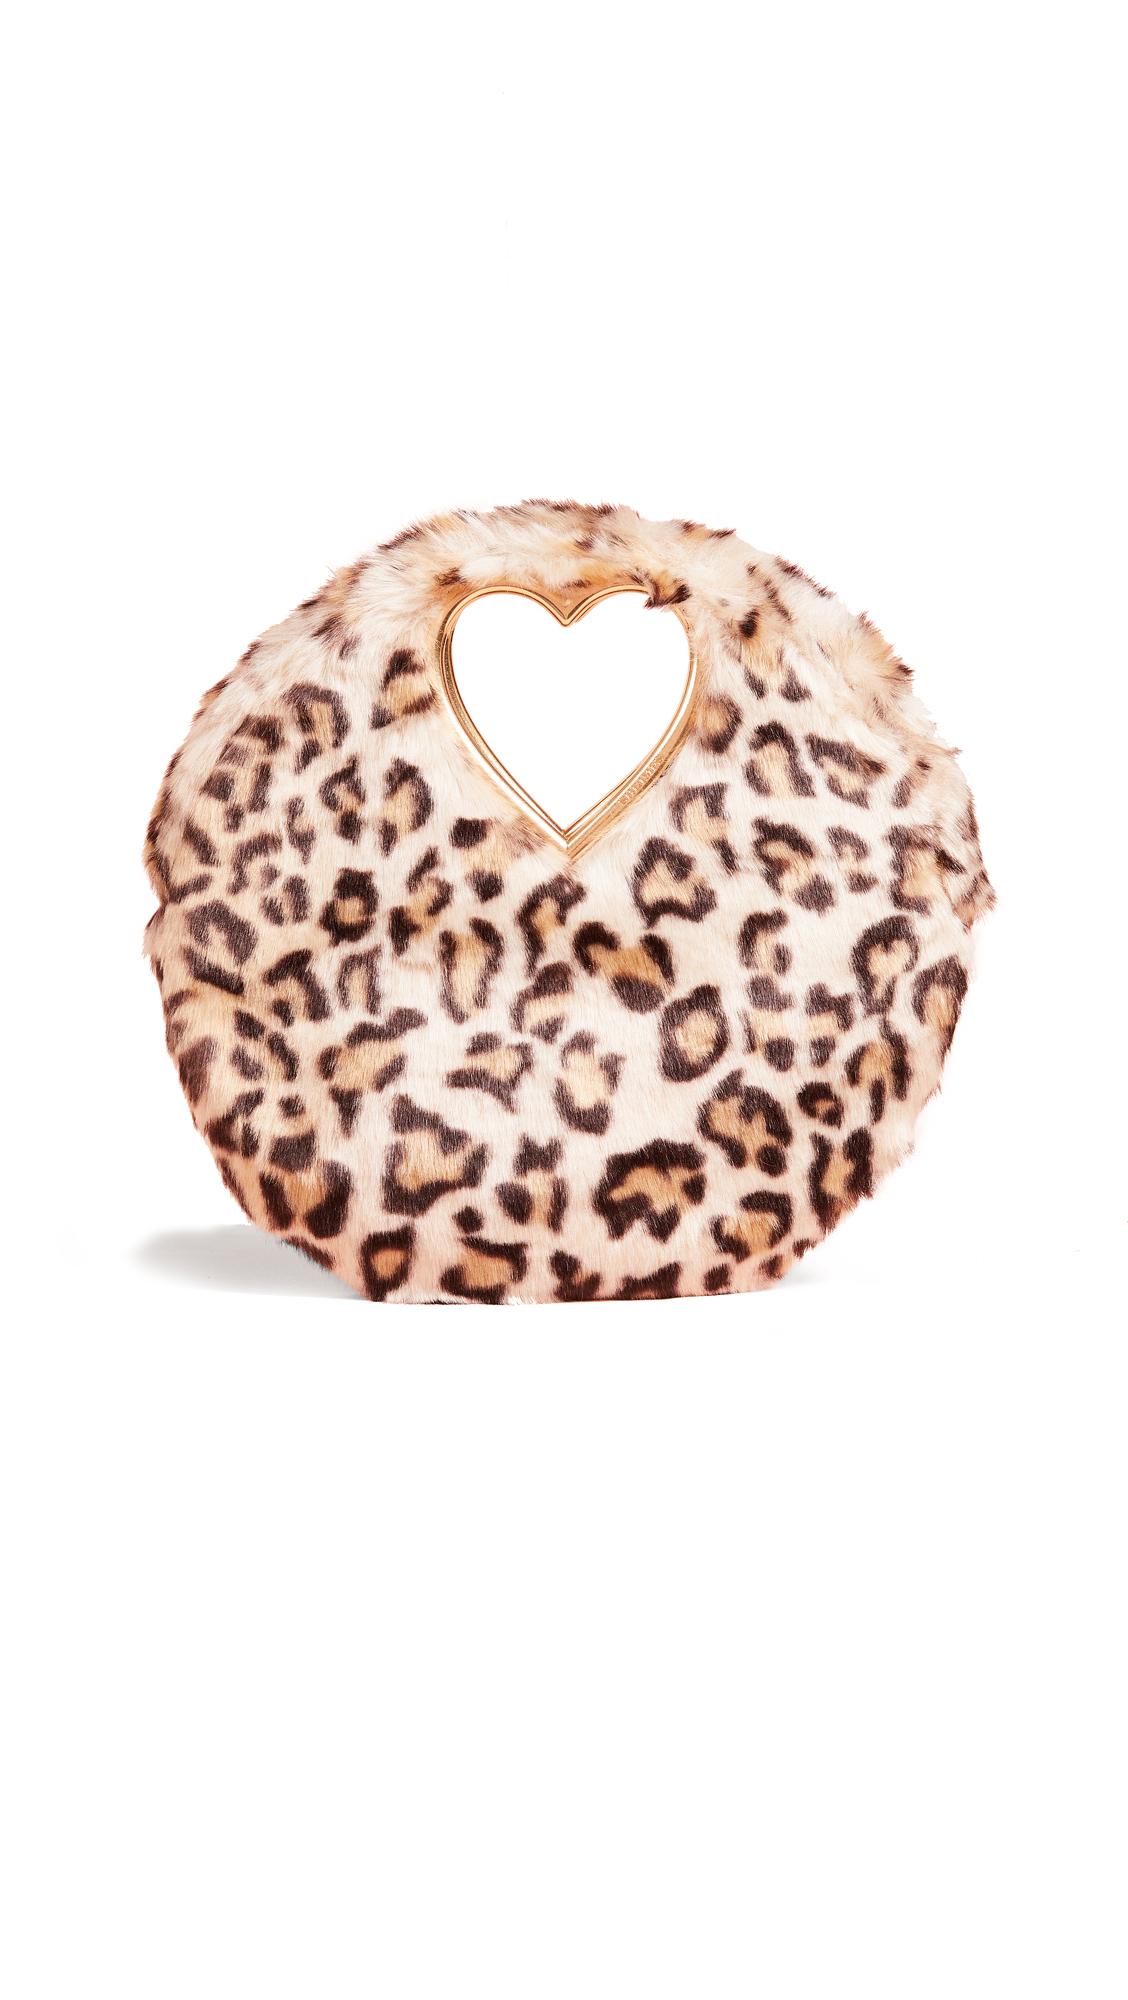 Martini leopard-print faux fur clutch